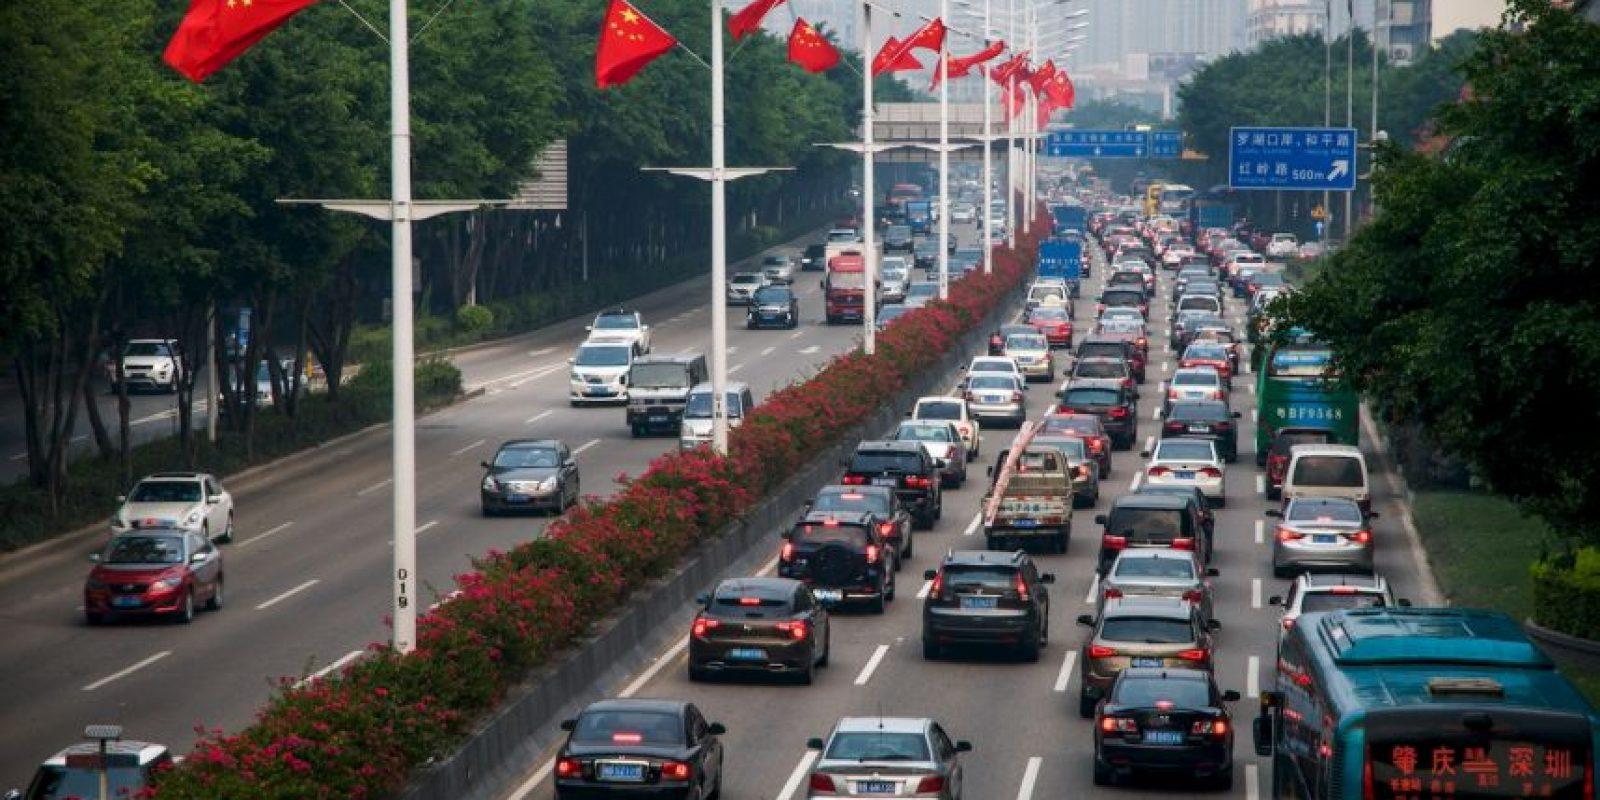 Al termino de los días de descanso los ciudadanos decidieron volver a Pekín, China. Foto:Getty Images